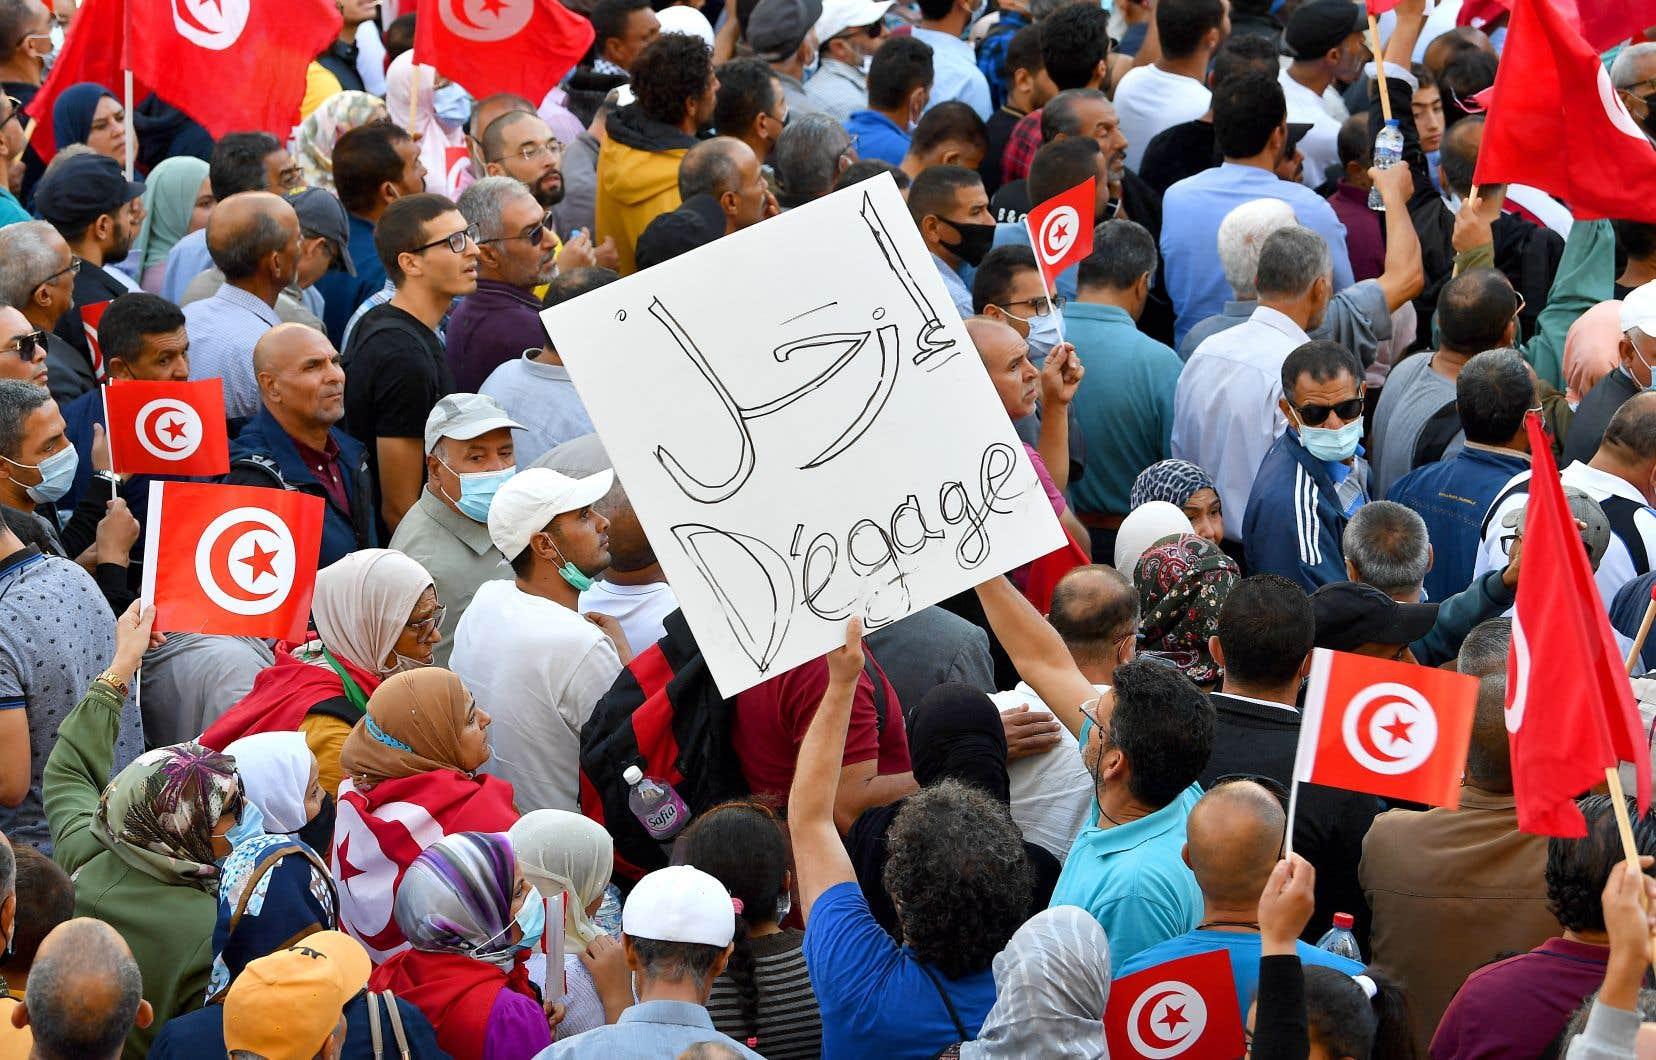 La Tunisie fait face à une crise politique provoquée par la mainmise grandissante du président Saïed sur son pays.